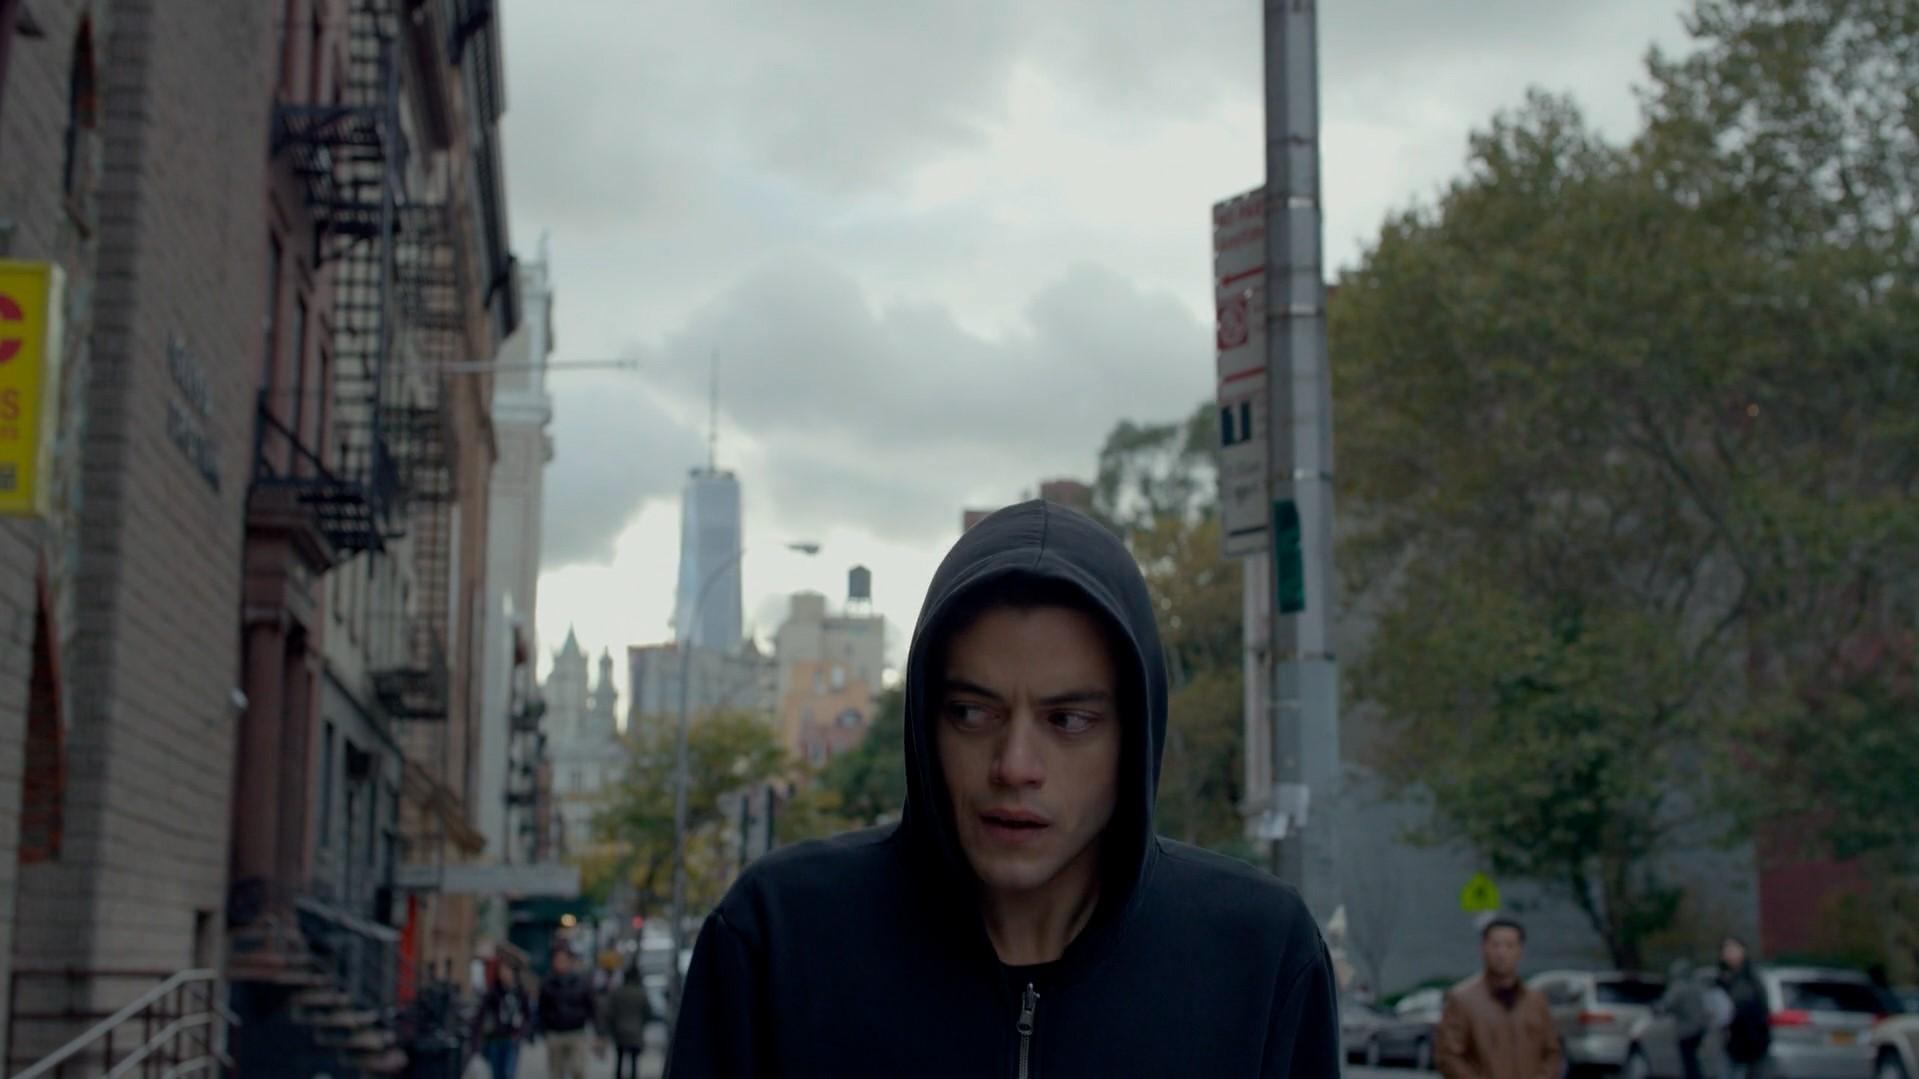 Elliot caminhando pela rua com um olhar suspeito de canto de olho